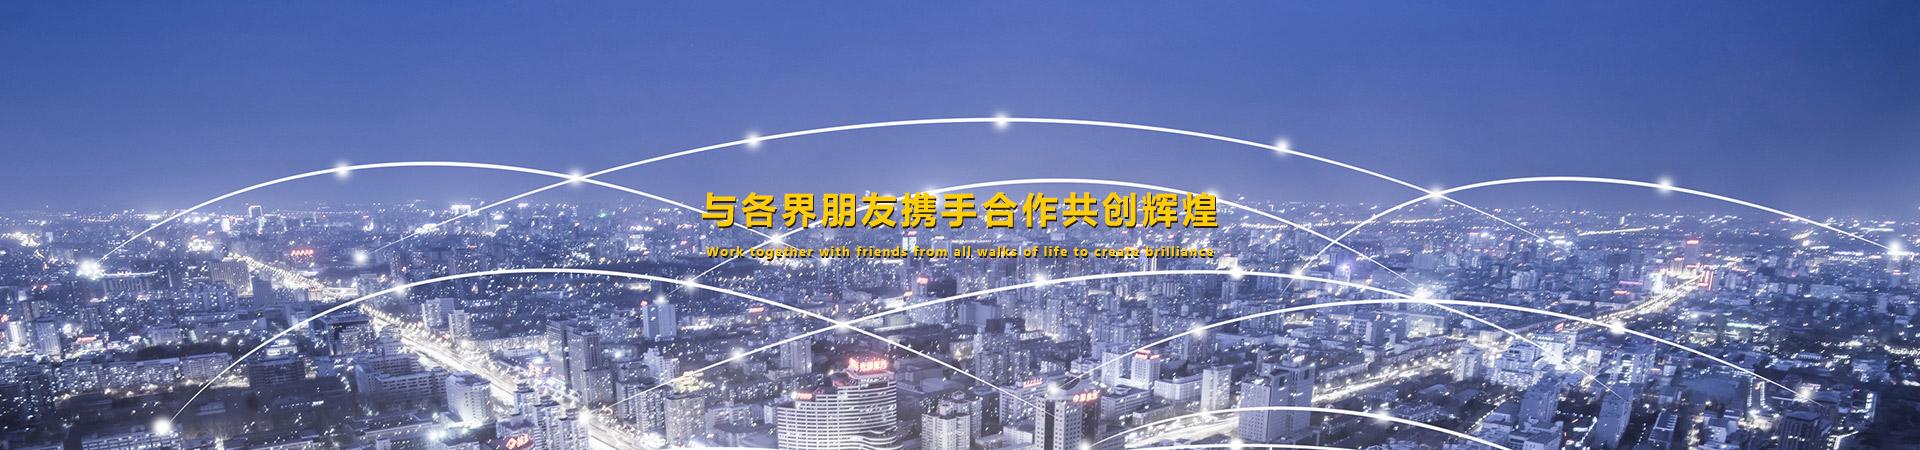 徐州华赫地坪工程有限公司